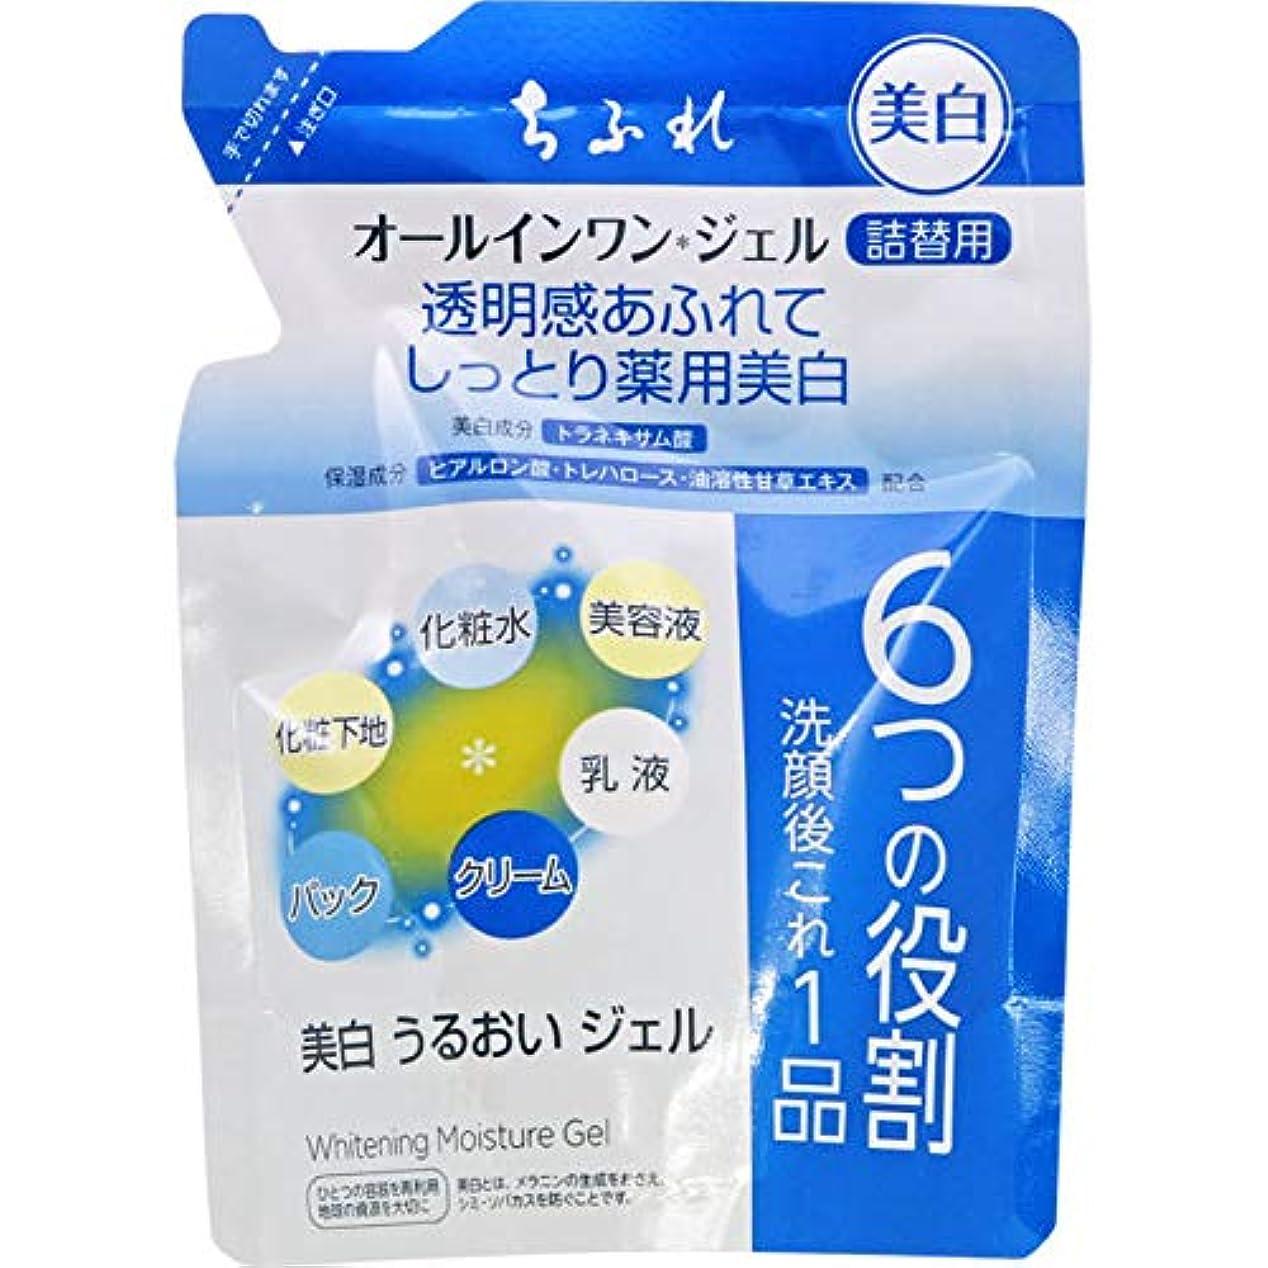 放置氷グローバルちふれ化粧品 美白うるおいジェル 詰替 108g